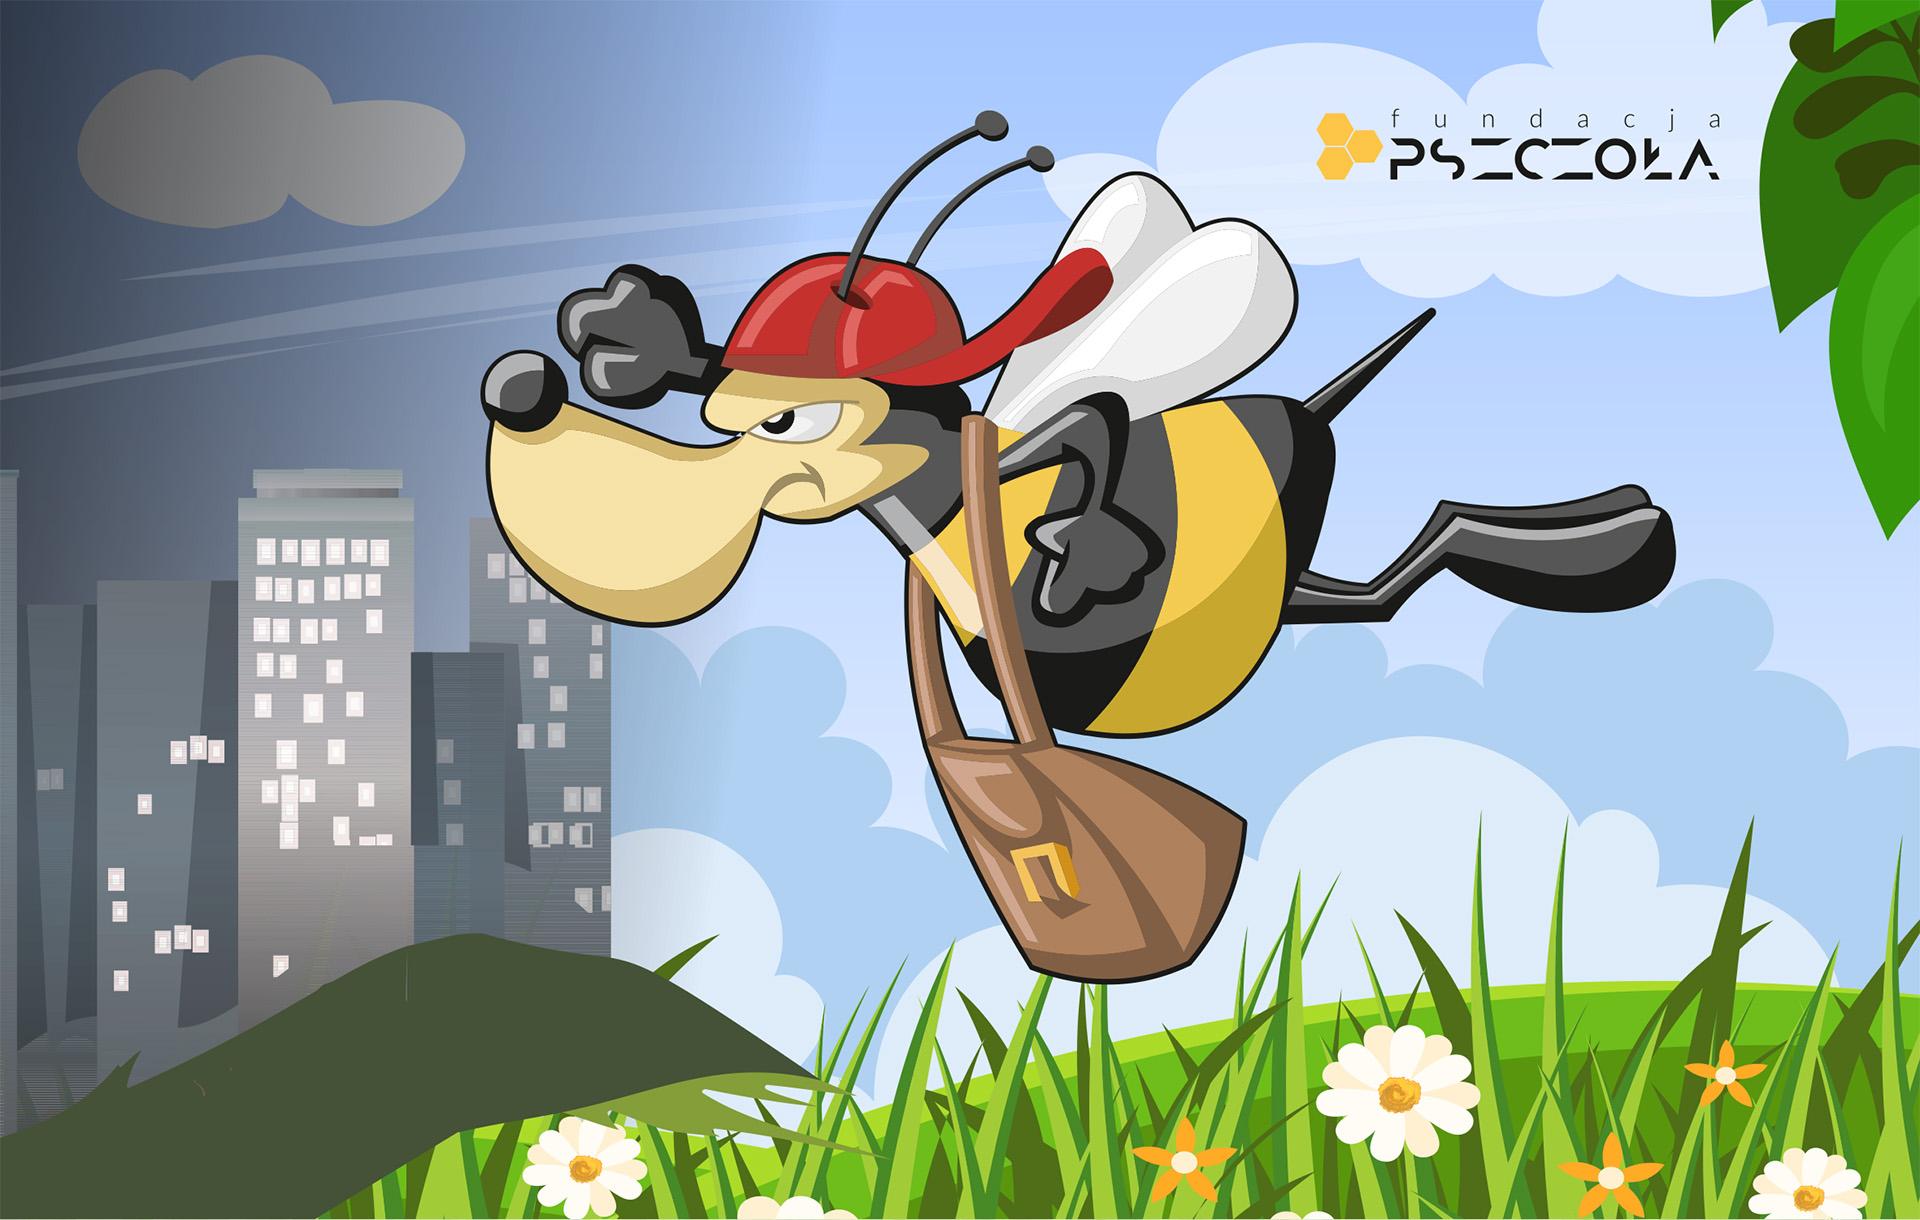 Mariolka promująca kampanię crowdfundingową Fundacji Pszczoła. Fot. Fundacja Pszczoła